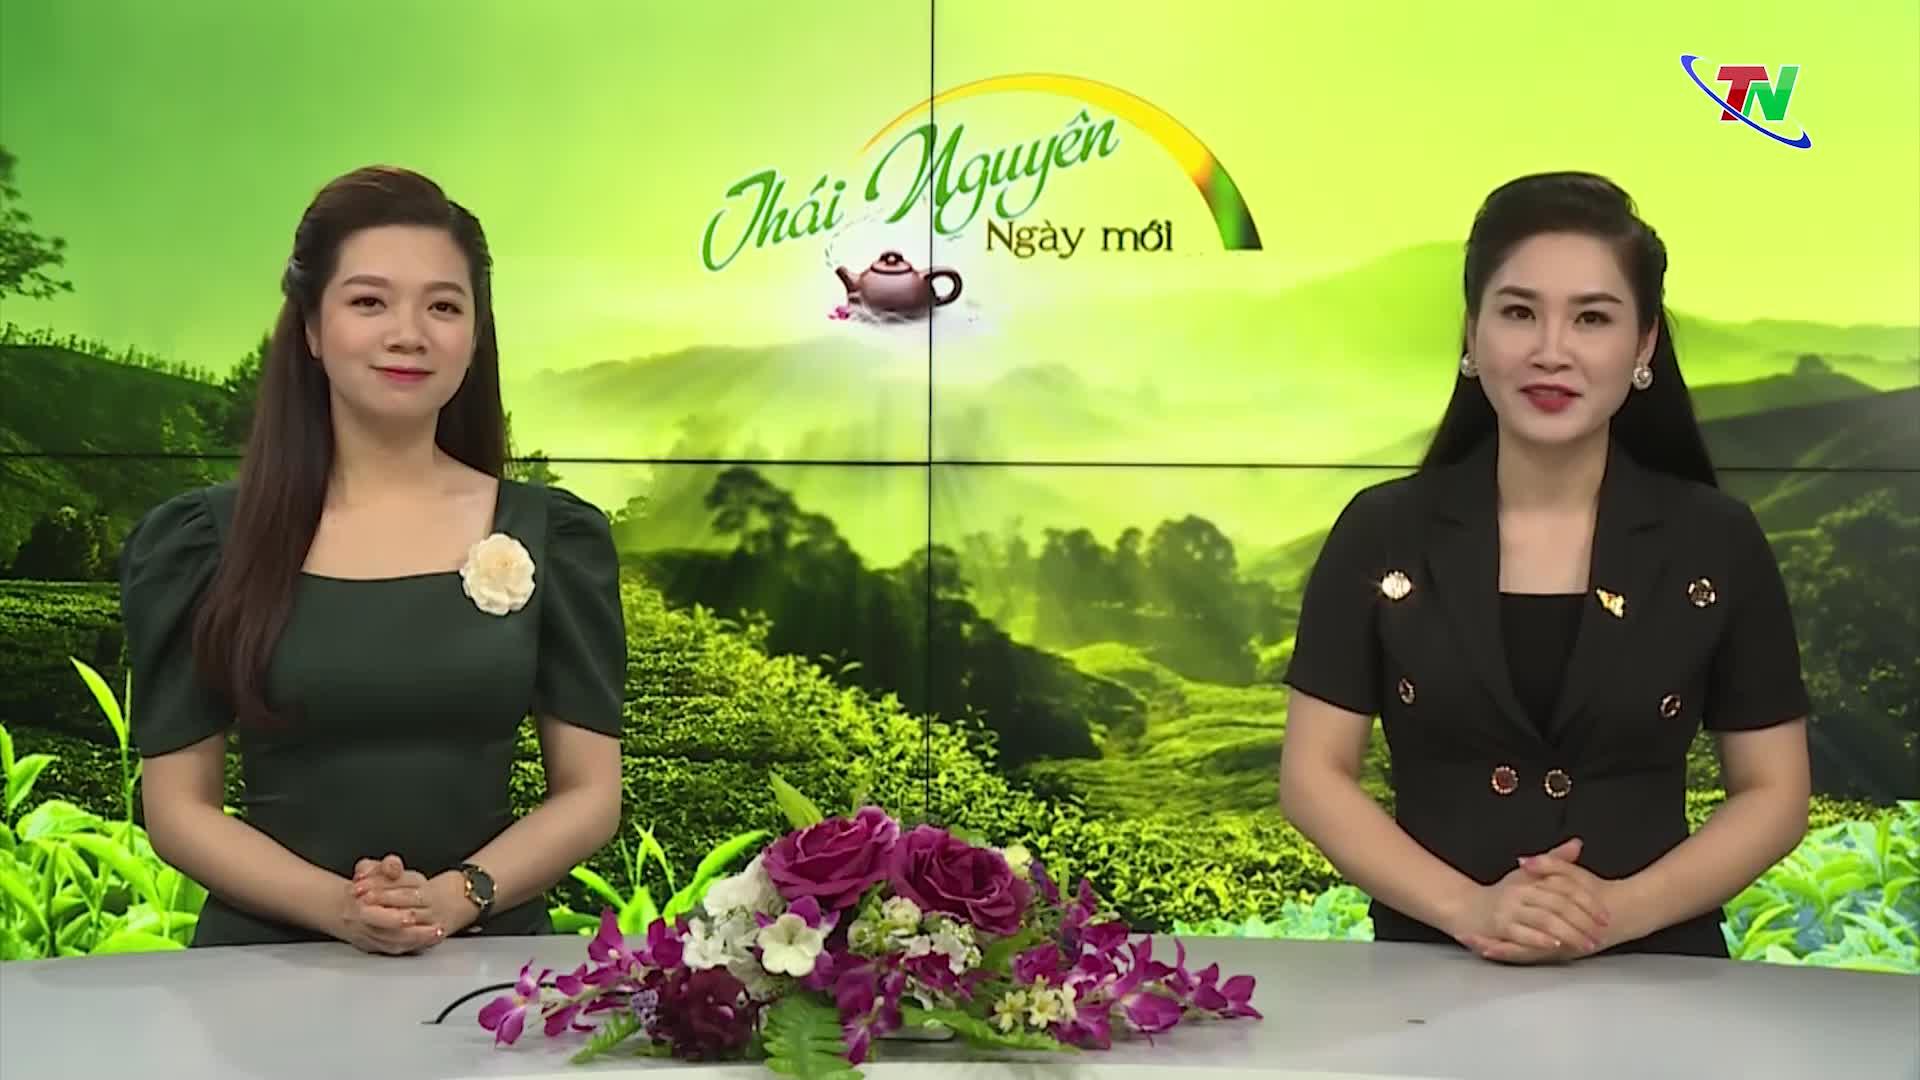 Chương trình Thái Nguyên ngày mới ngày 31/5/2020